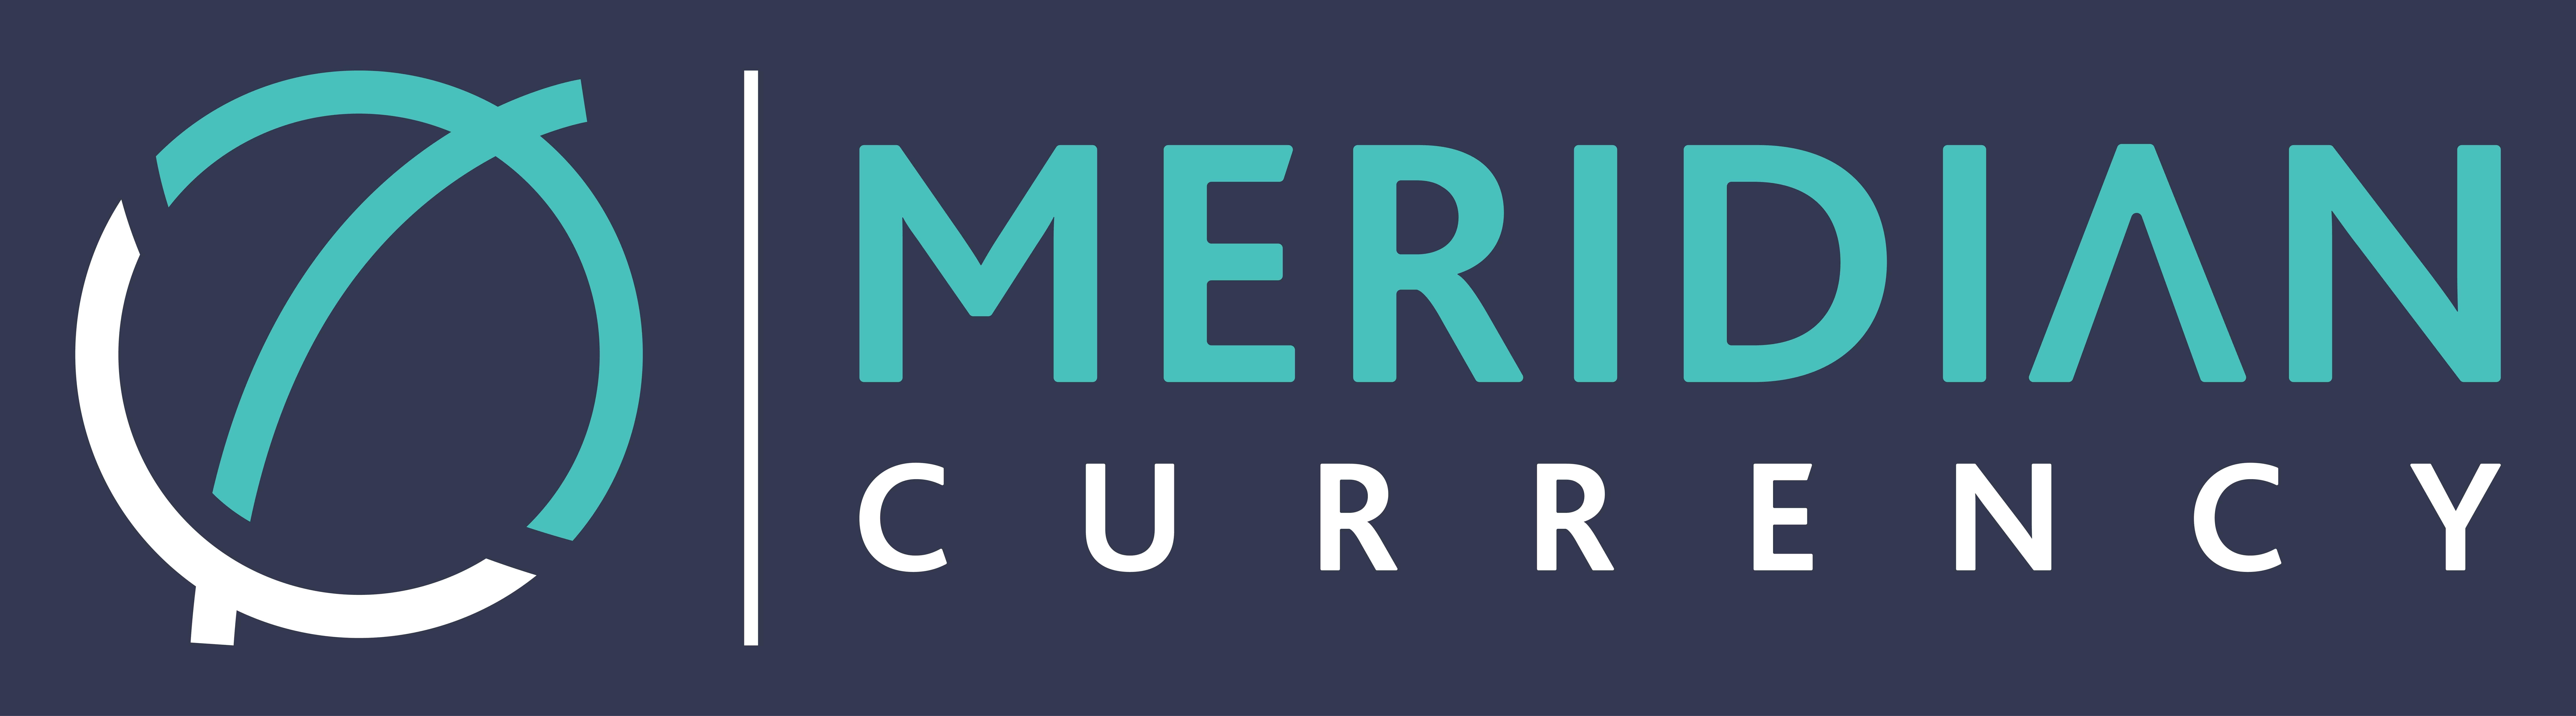 Meridan Currency